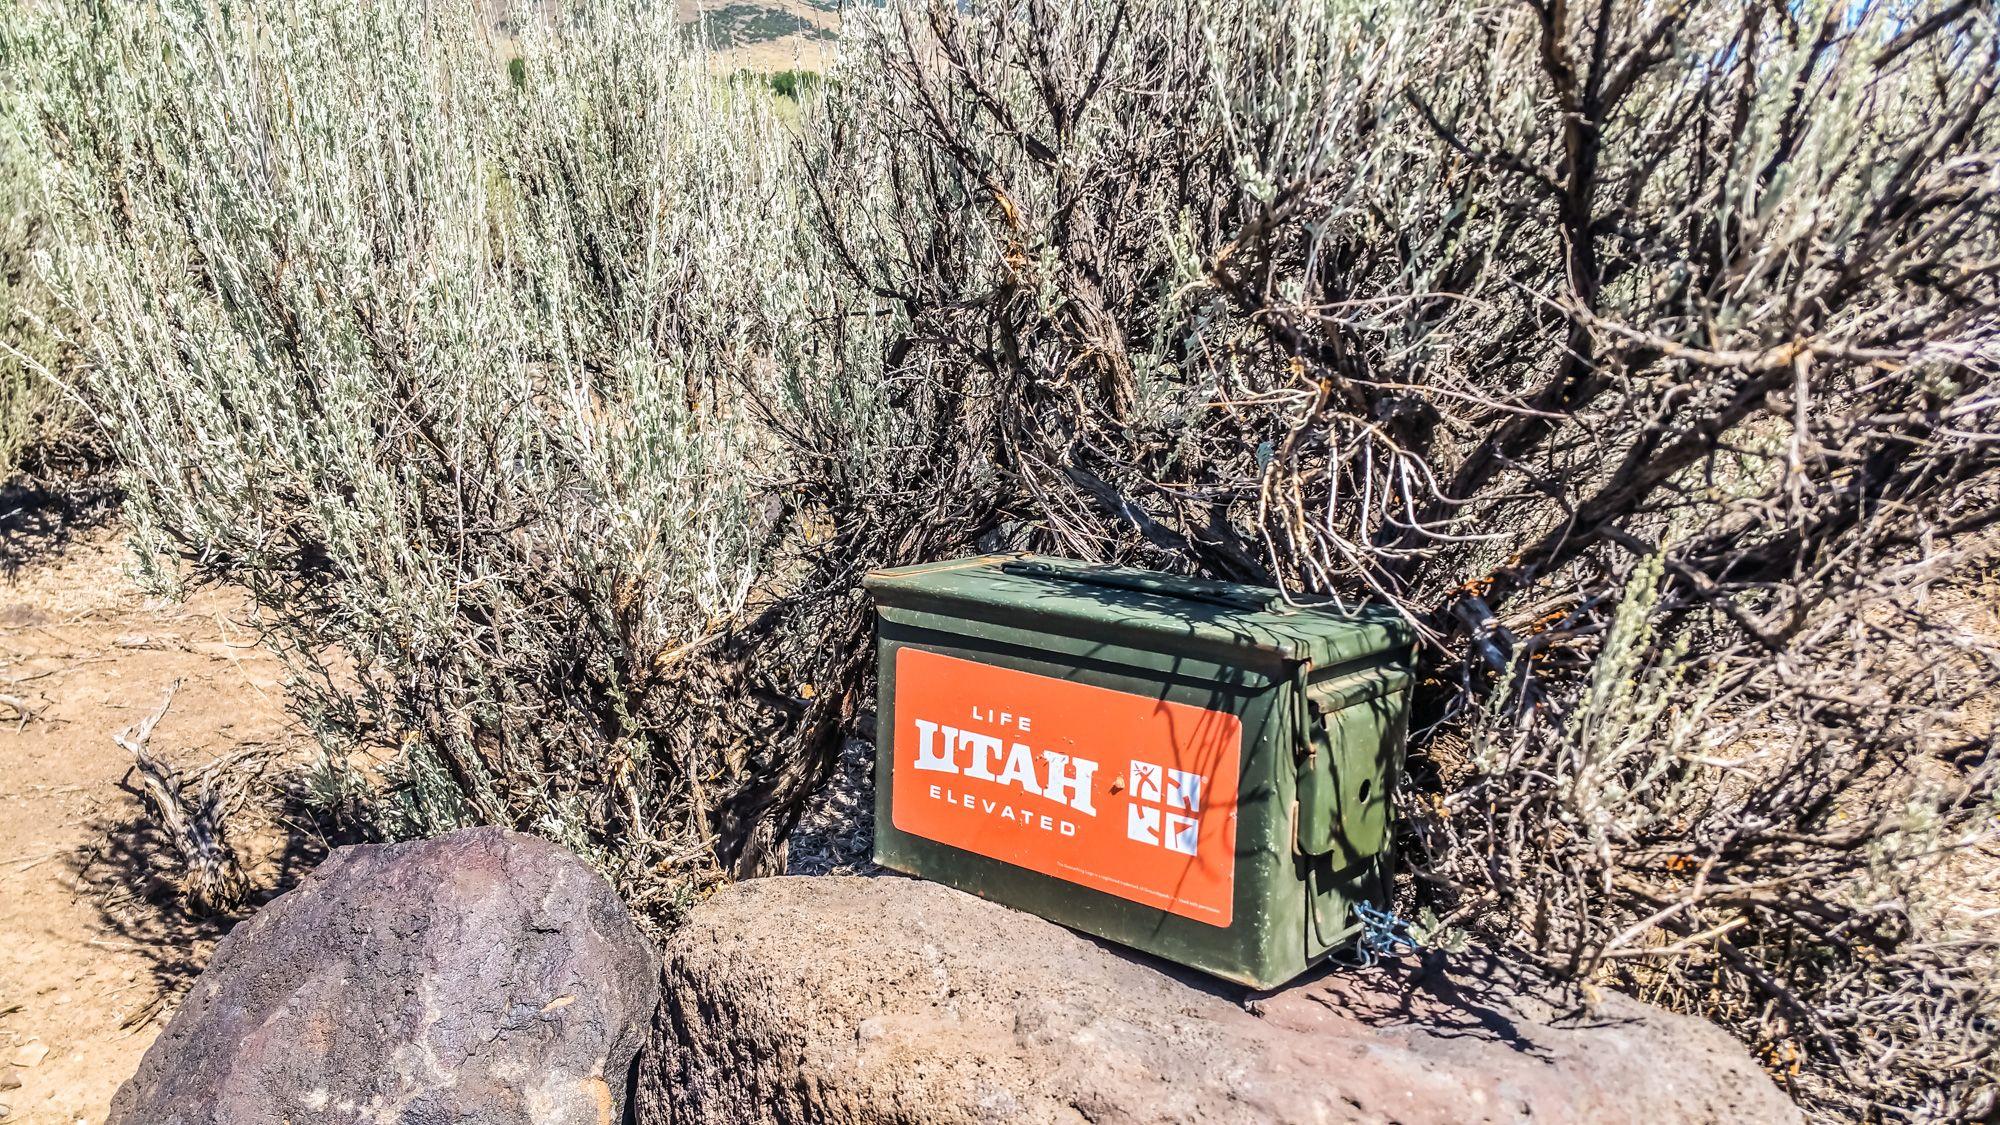 Mission Accomplished: Visit Utah GeoTour